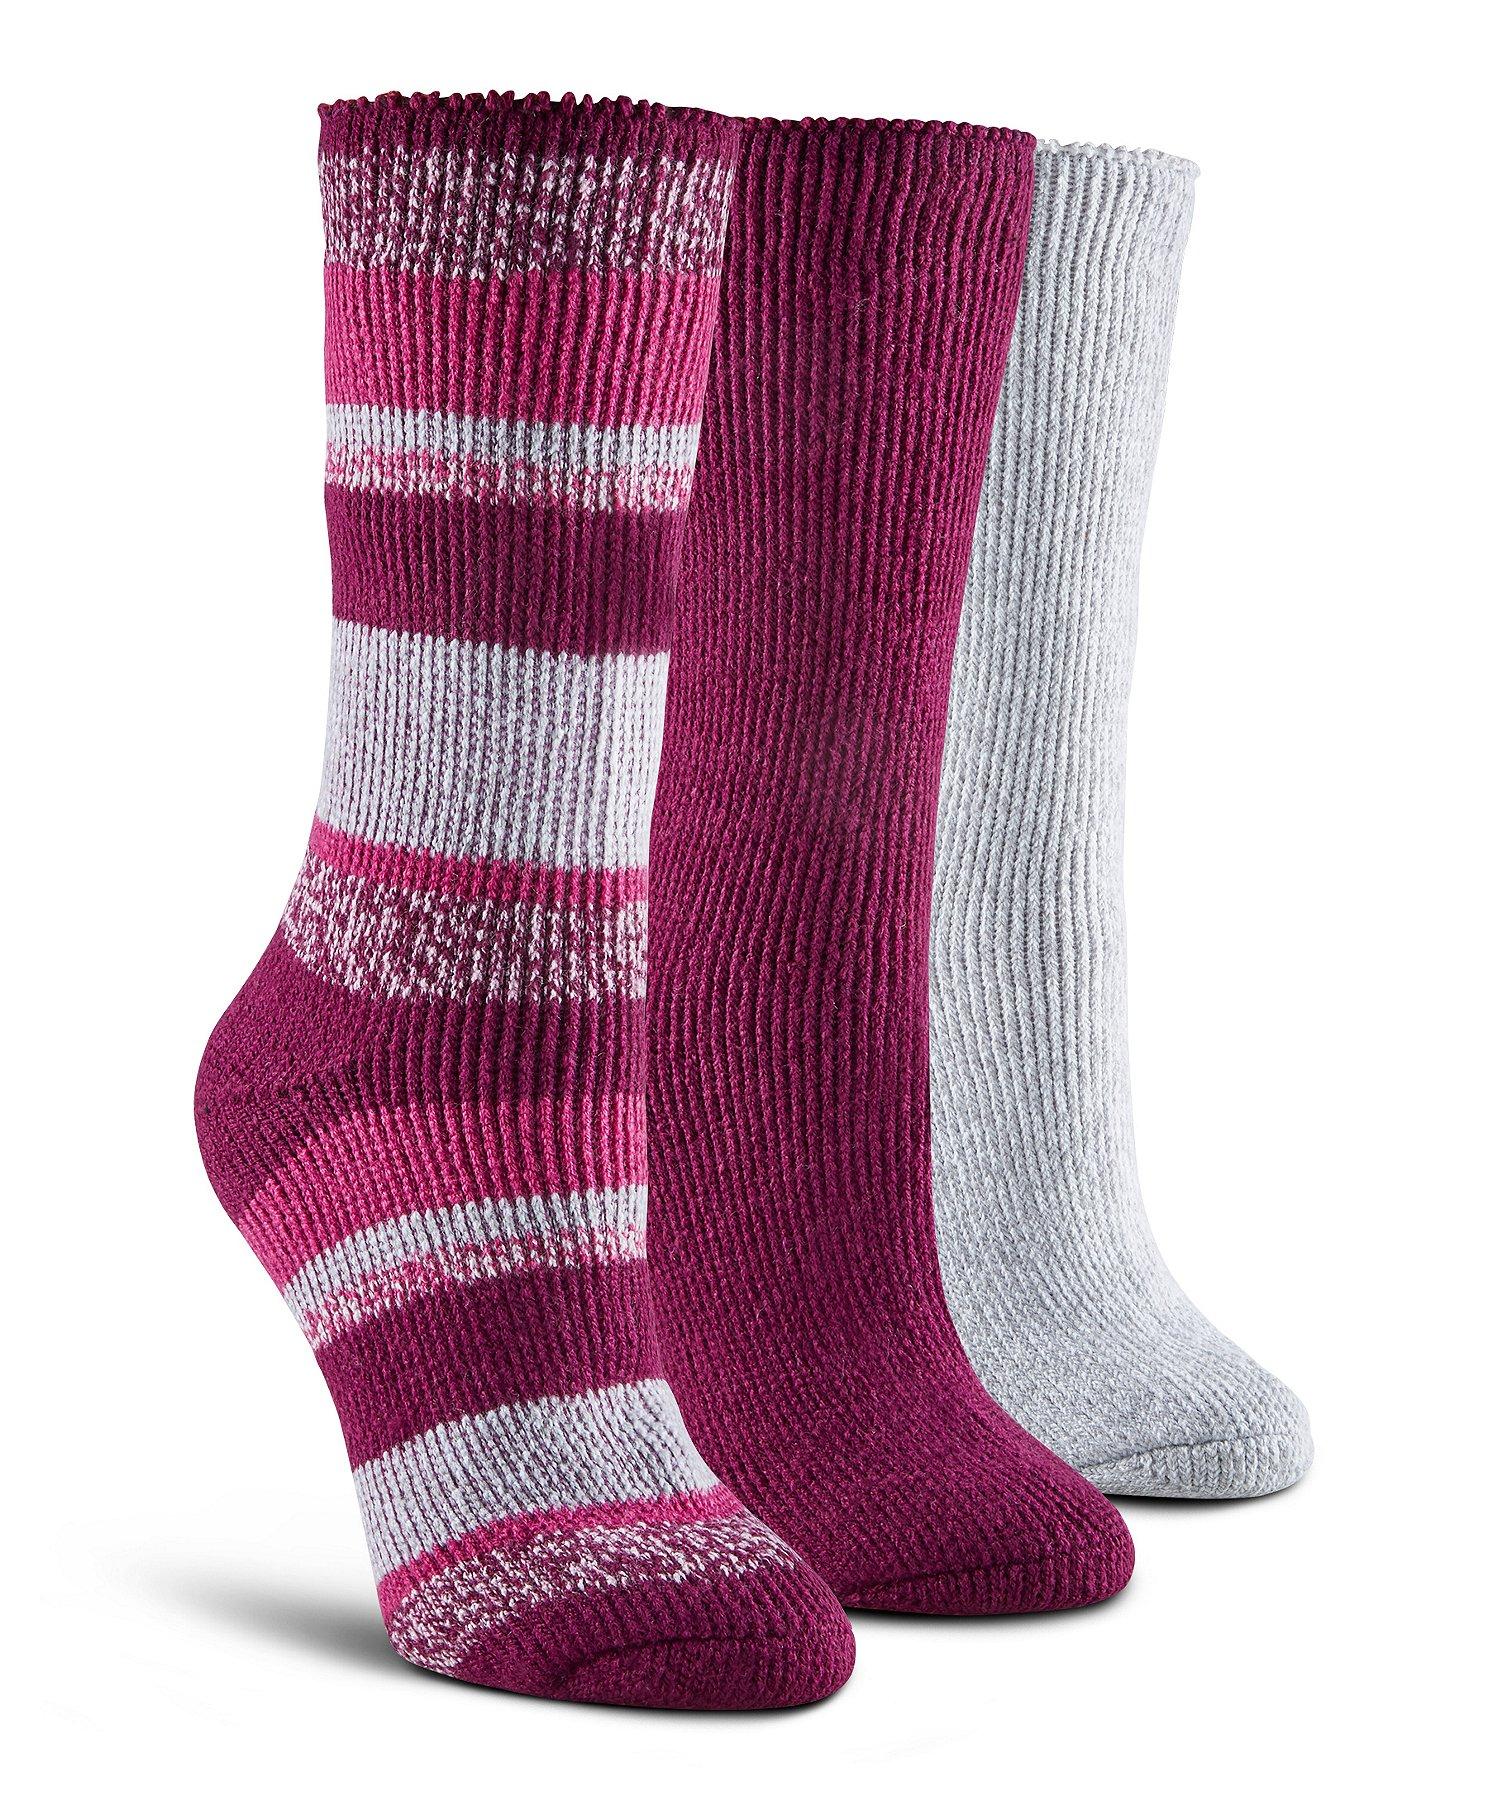 Die 36 besten Bilder von Socks in 2019